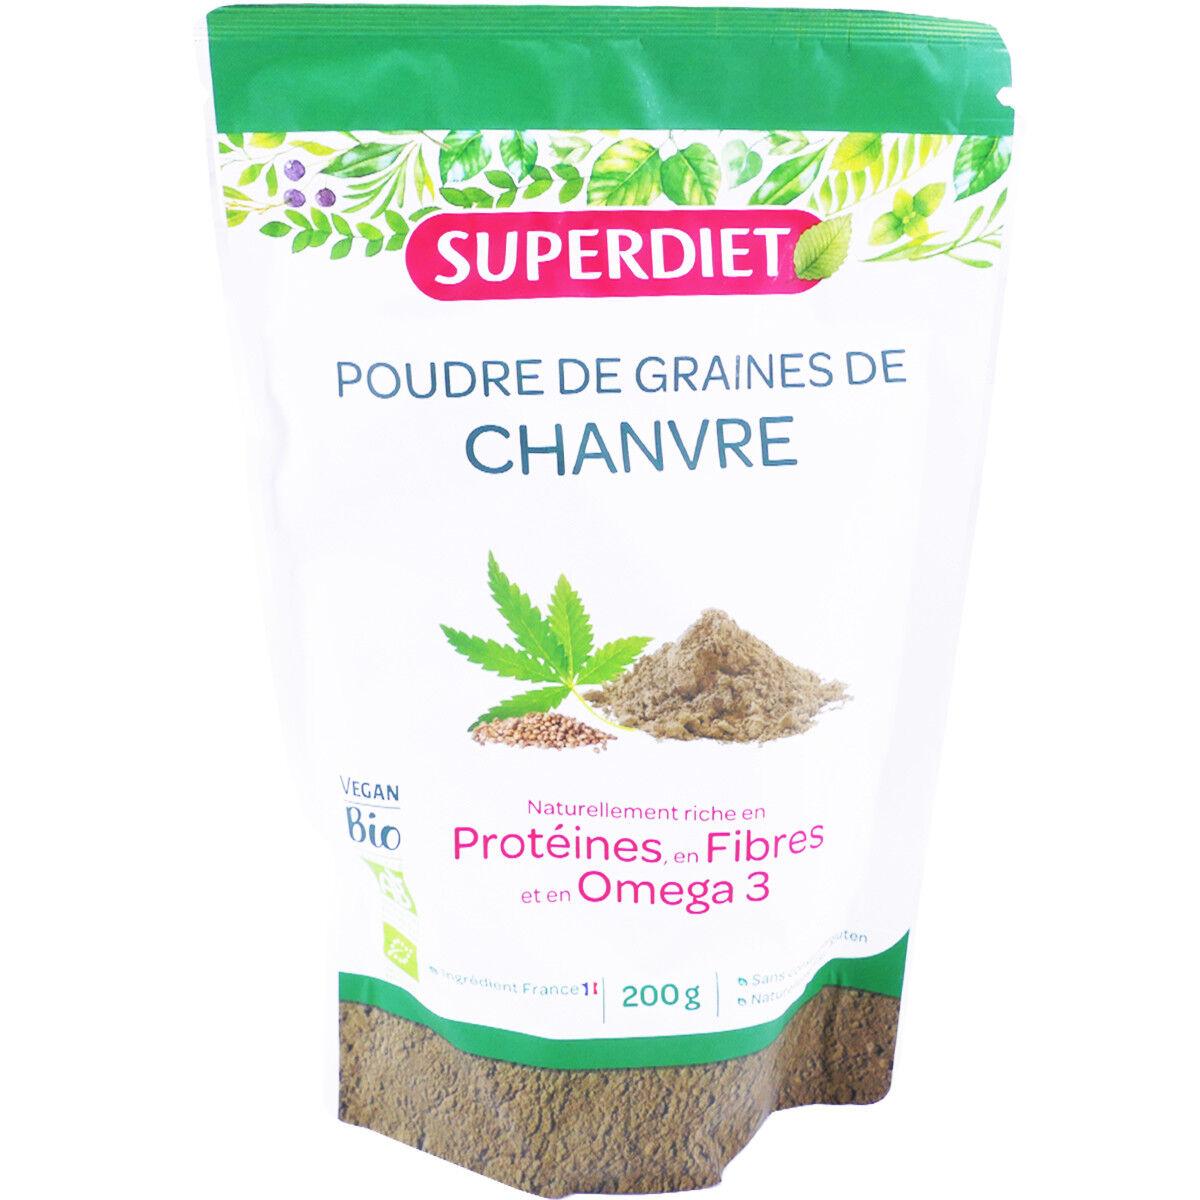 SUPER DIET Superdiet poudre de graines de chanvre 200 g bio